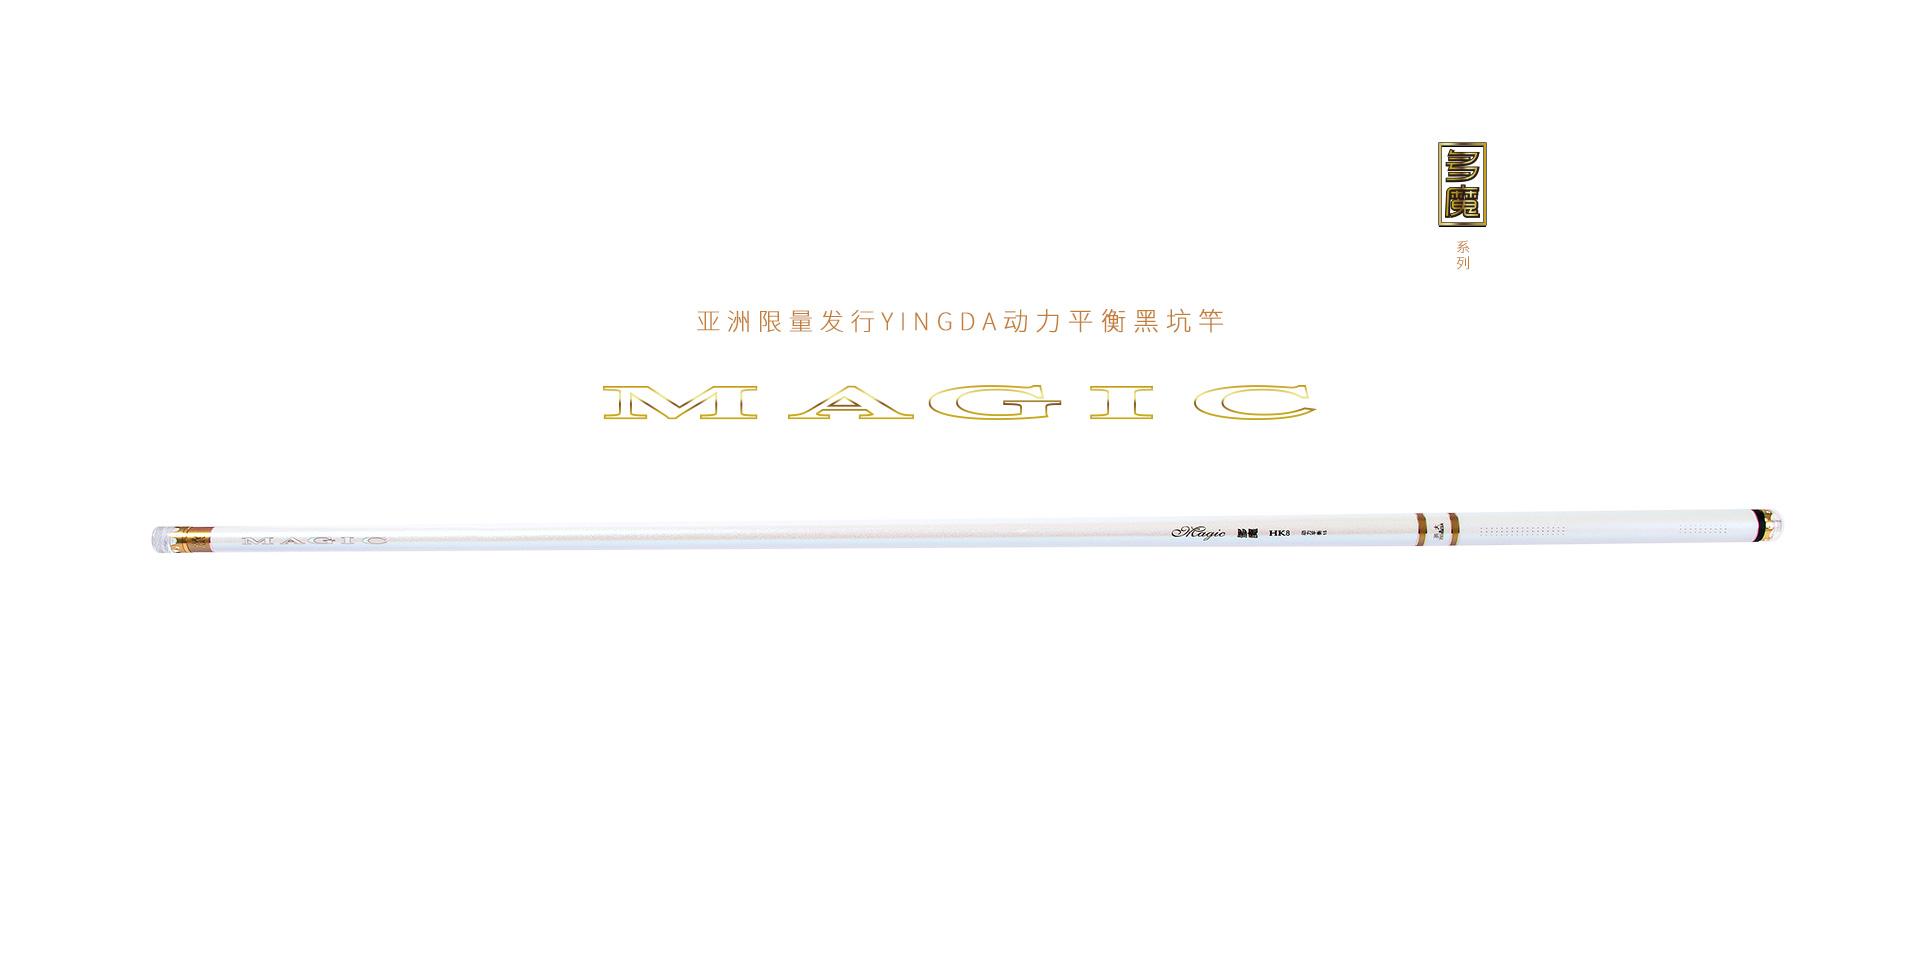 英大钓具亚洲限量发行YINGDA・MAGIC・动力平衡黑坑系列新品――多魔・HK8,品质型动力平衡黑坑竿